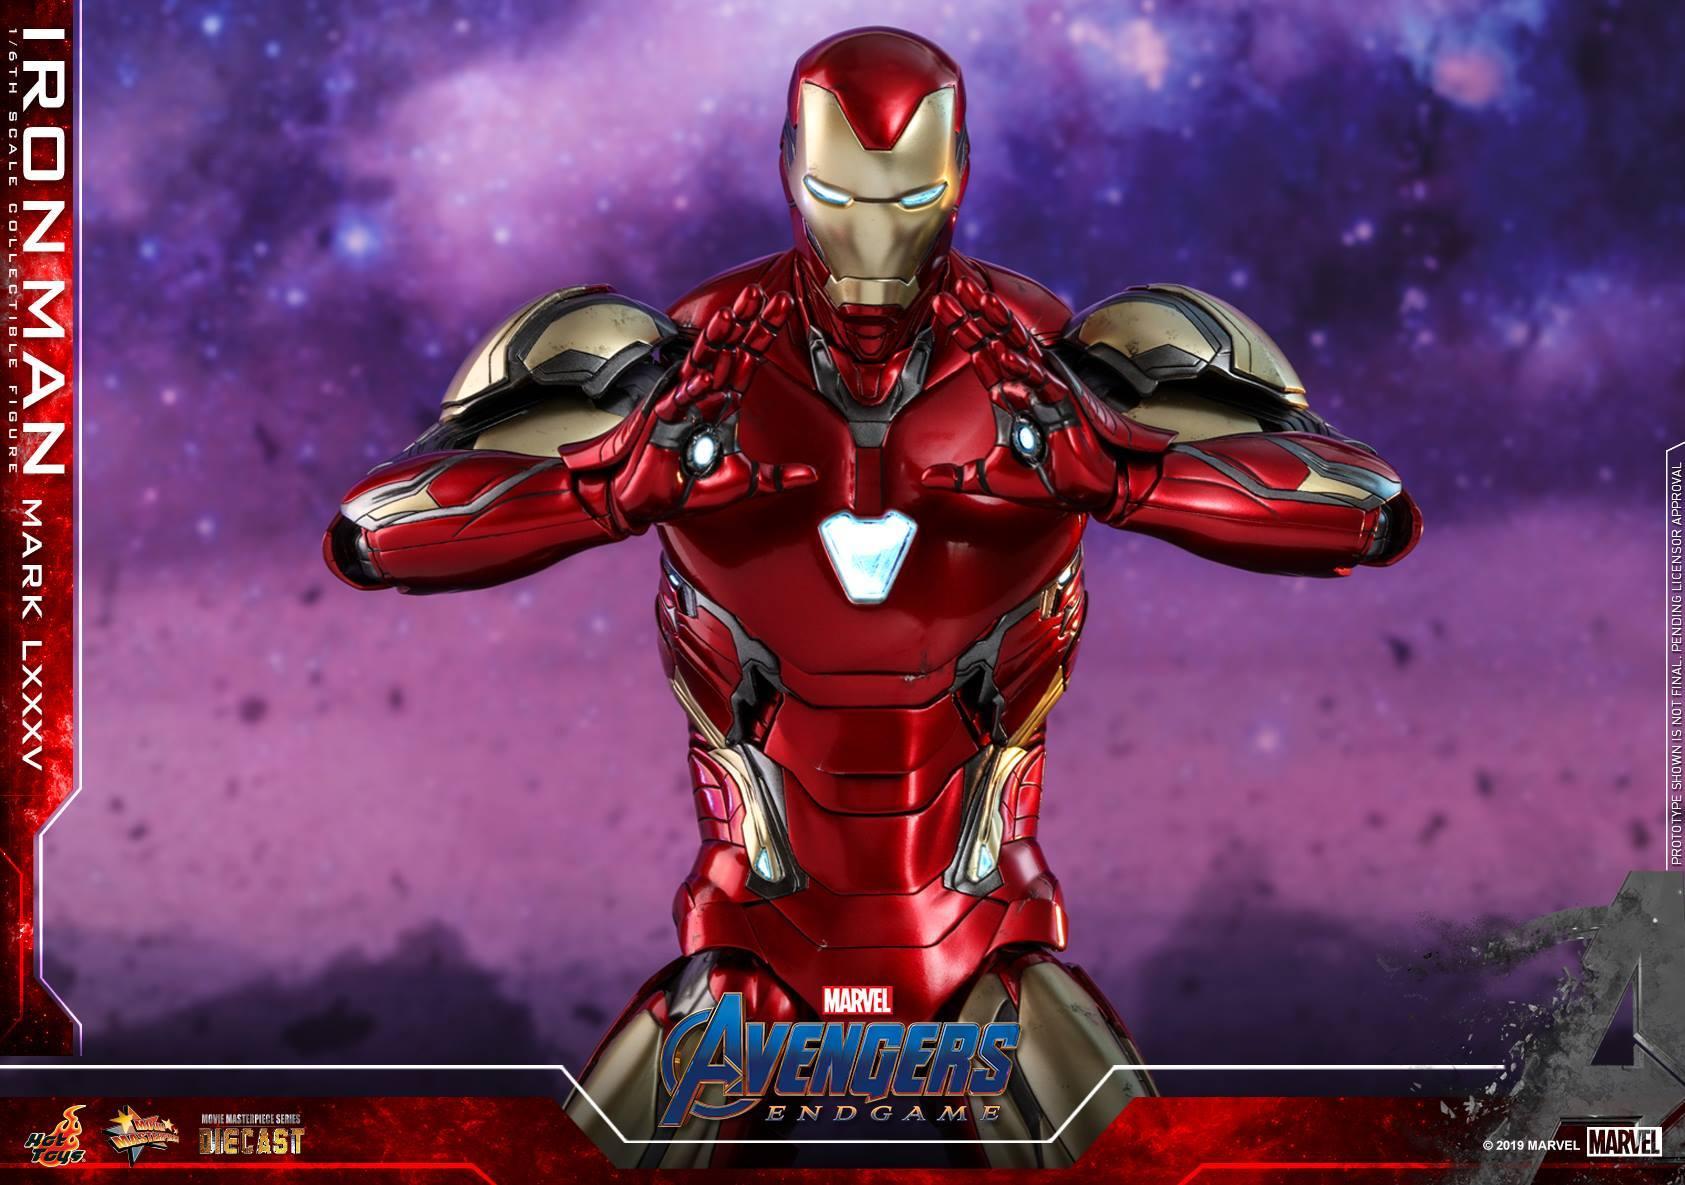 ชุดเกราะ Iron Man มาร์ค 85 Avengers Endgame